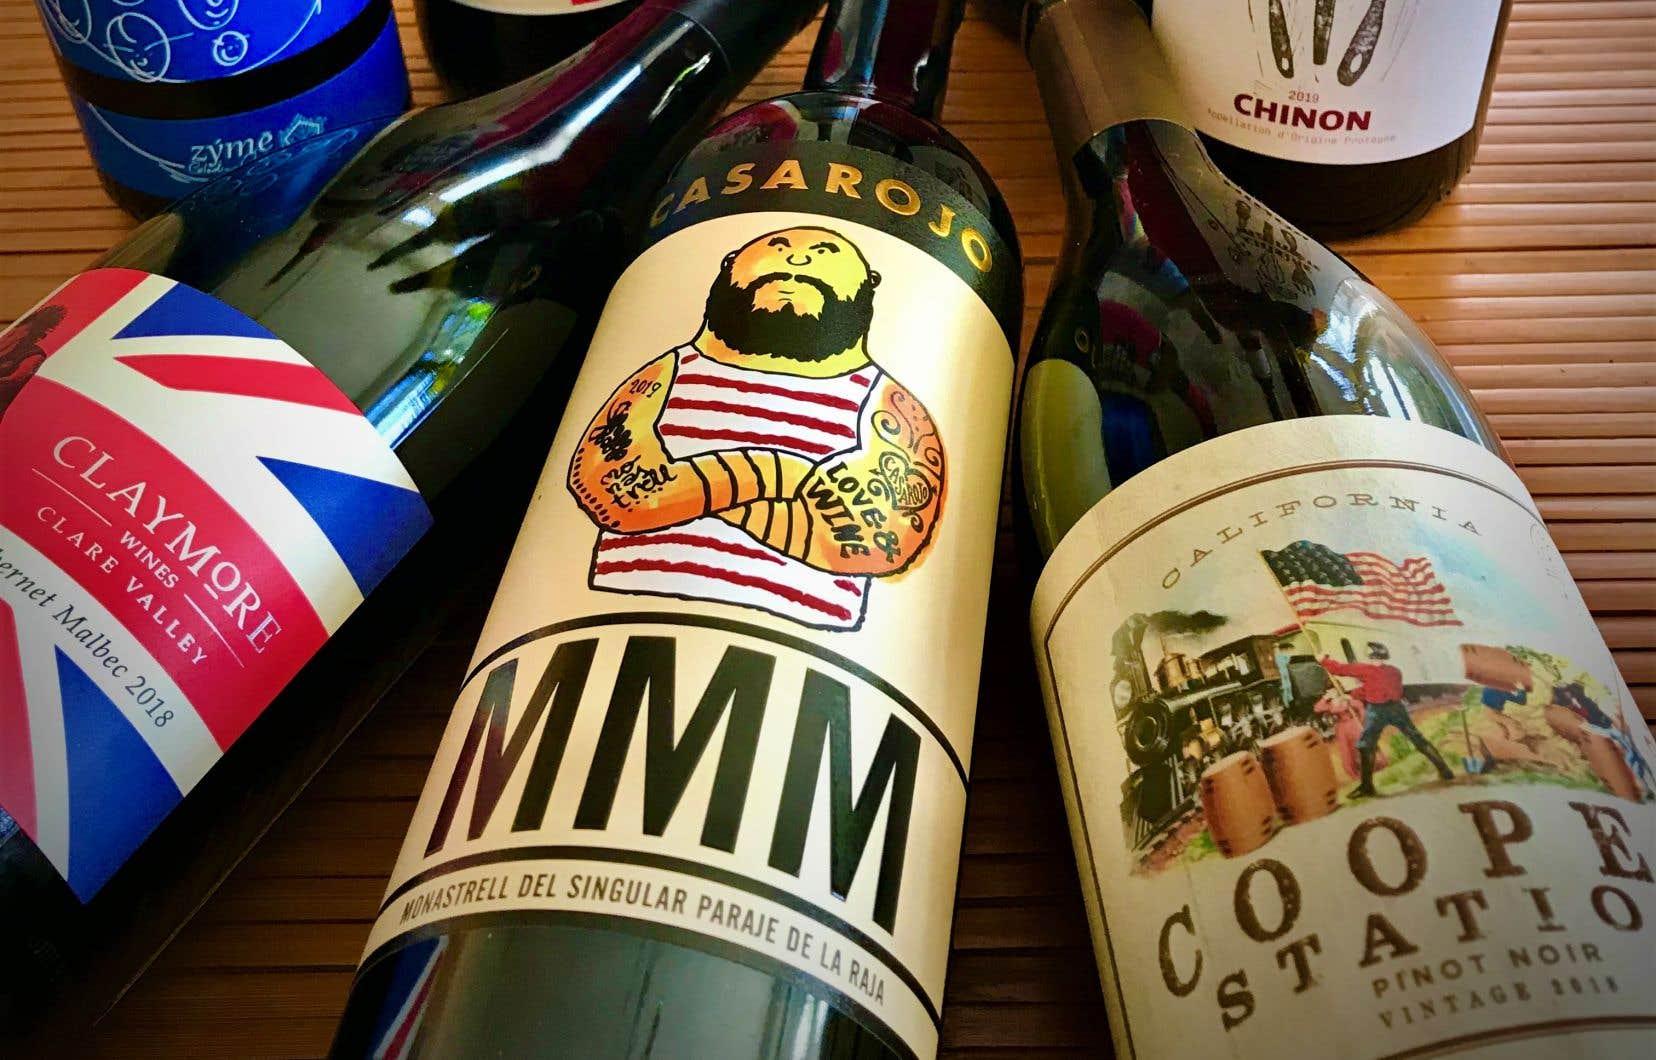 Les étiquettes, volontairement racoleuses, s'adressent avant tout à une clientèle jeune et décomplexée qui s'offre un passeport pour l'aventure, parfois au détriment de la qualité réelle du vin.